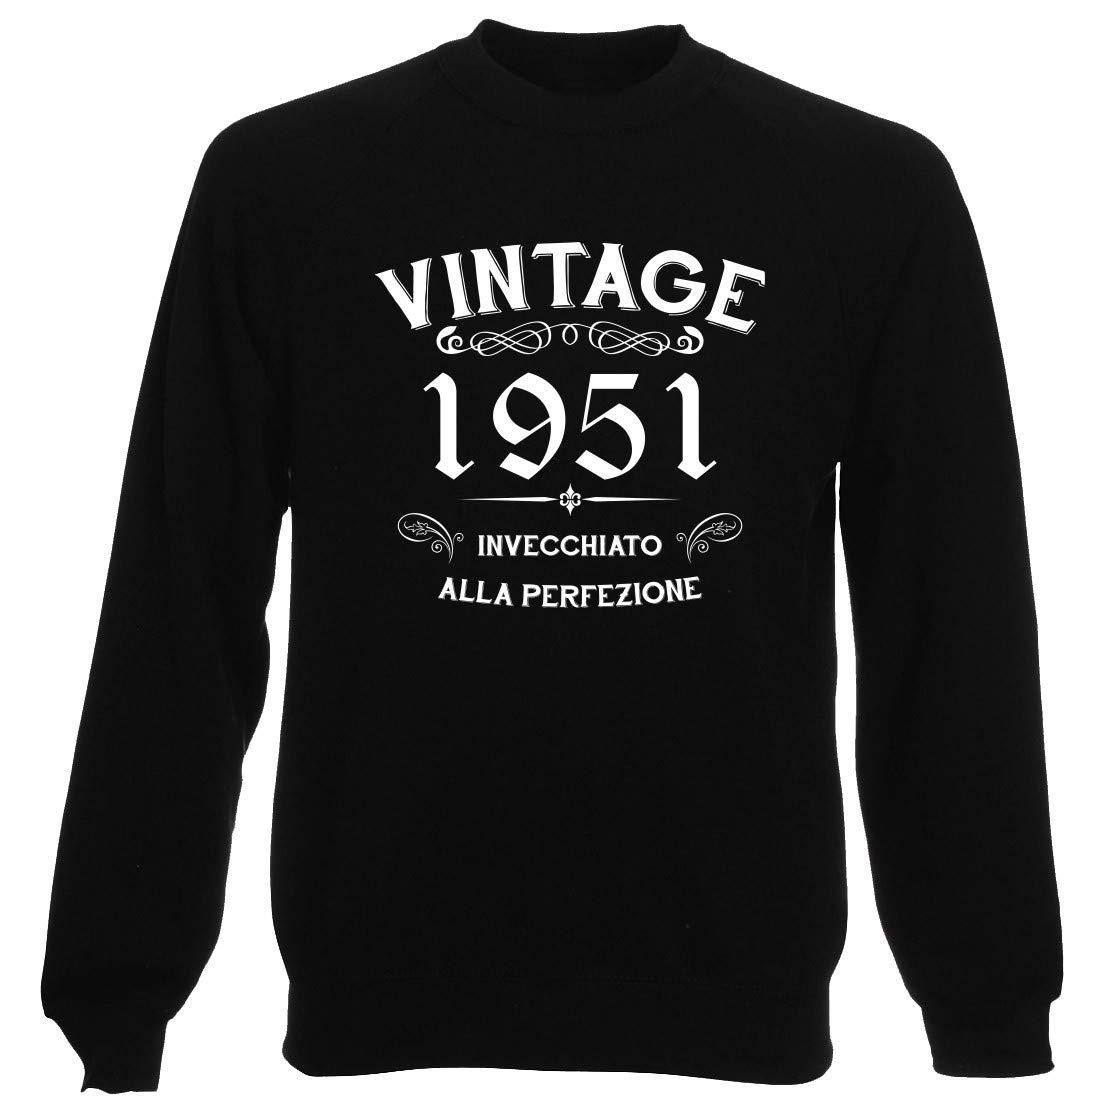 T-Shirtshock Felpa Girocollo Uomo Nera T0895 1951 Invecchiato alla Perfezione PERSONALIZZA con Tuo Anno Vintage